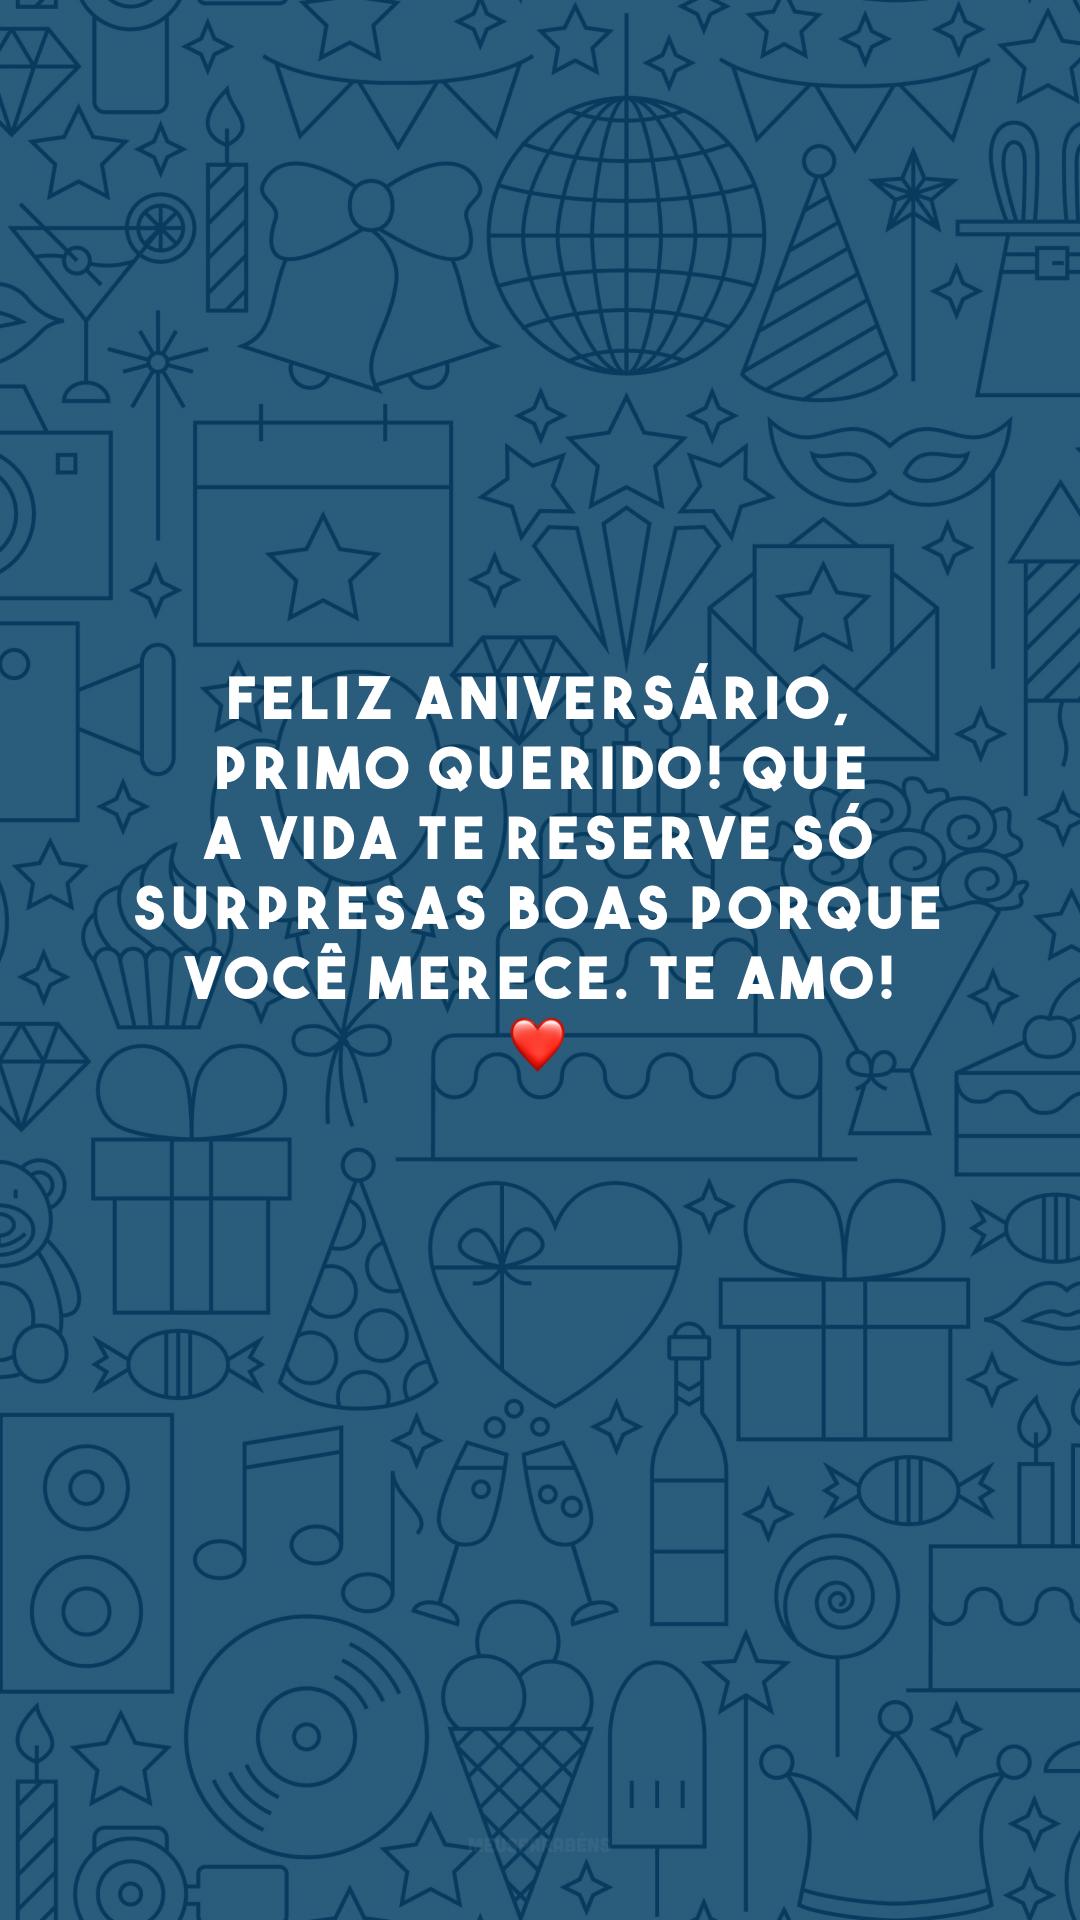 Feliz aniversário, primo querido! Que a vida te reserve só surpresas boas porque você merece. Te amo! ❤️